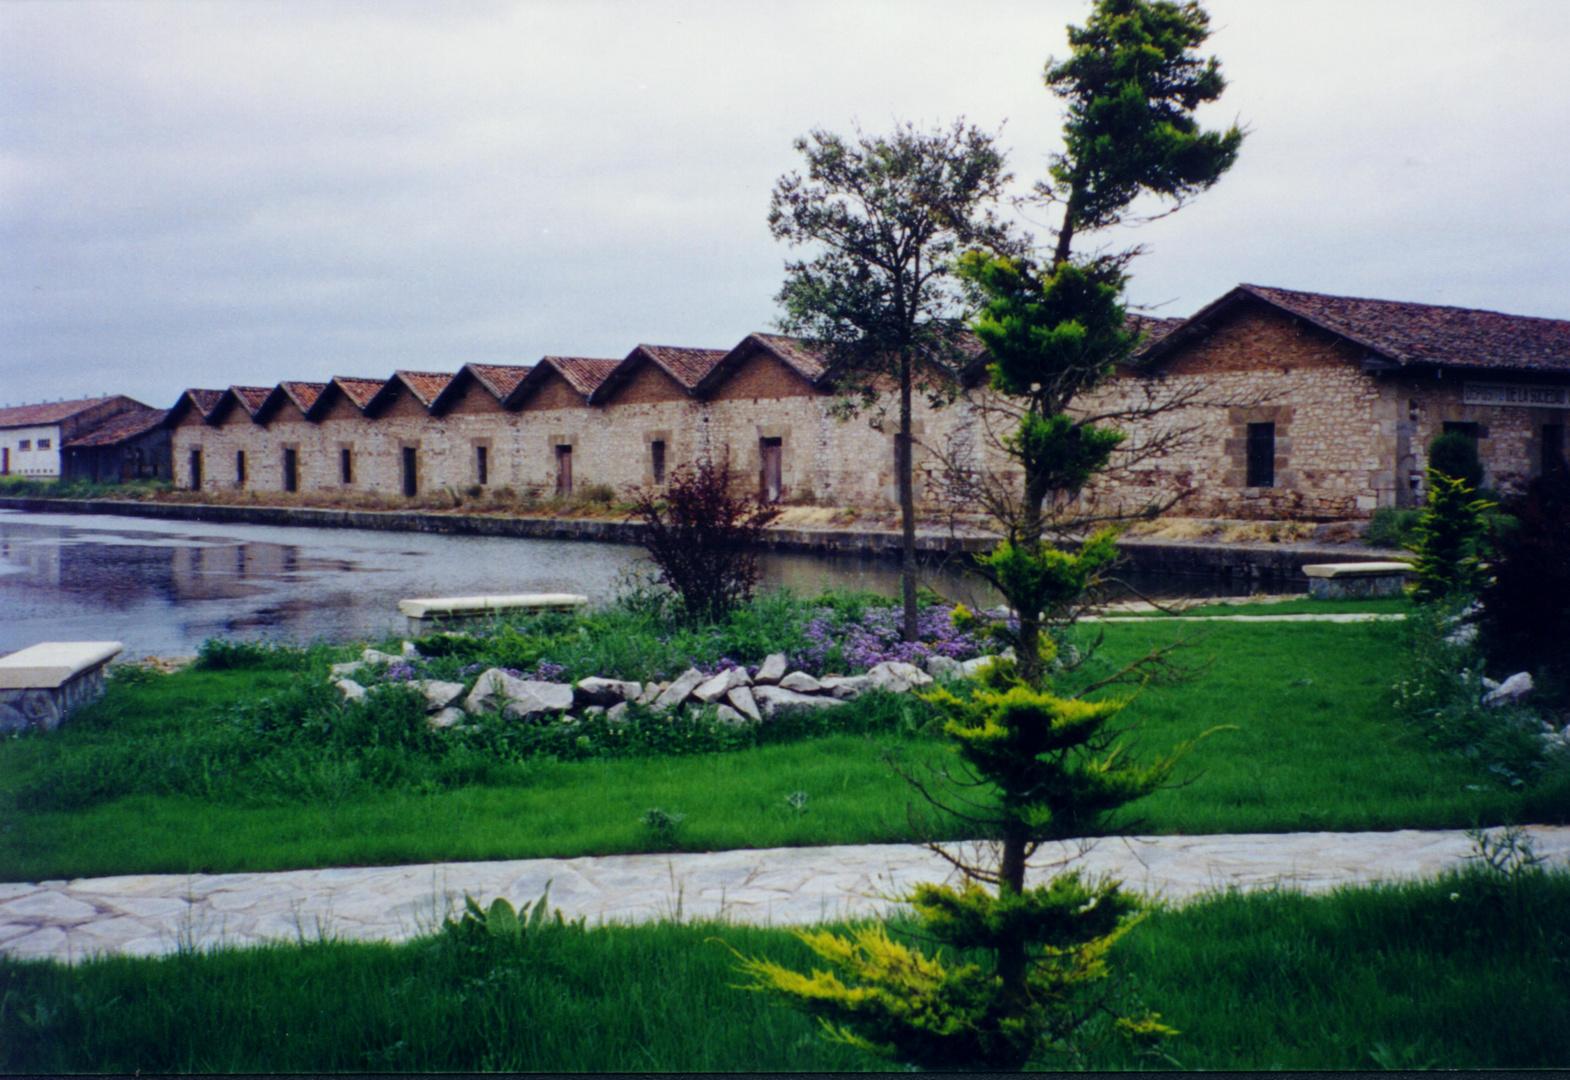 Darsena Canal de Castilla Alar del Rey